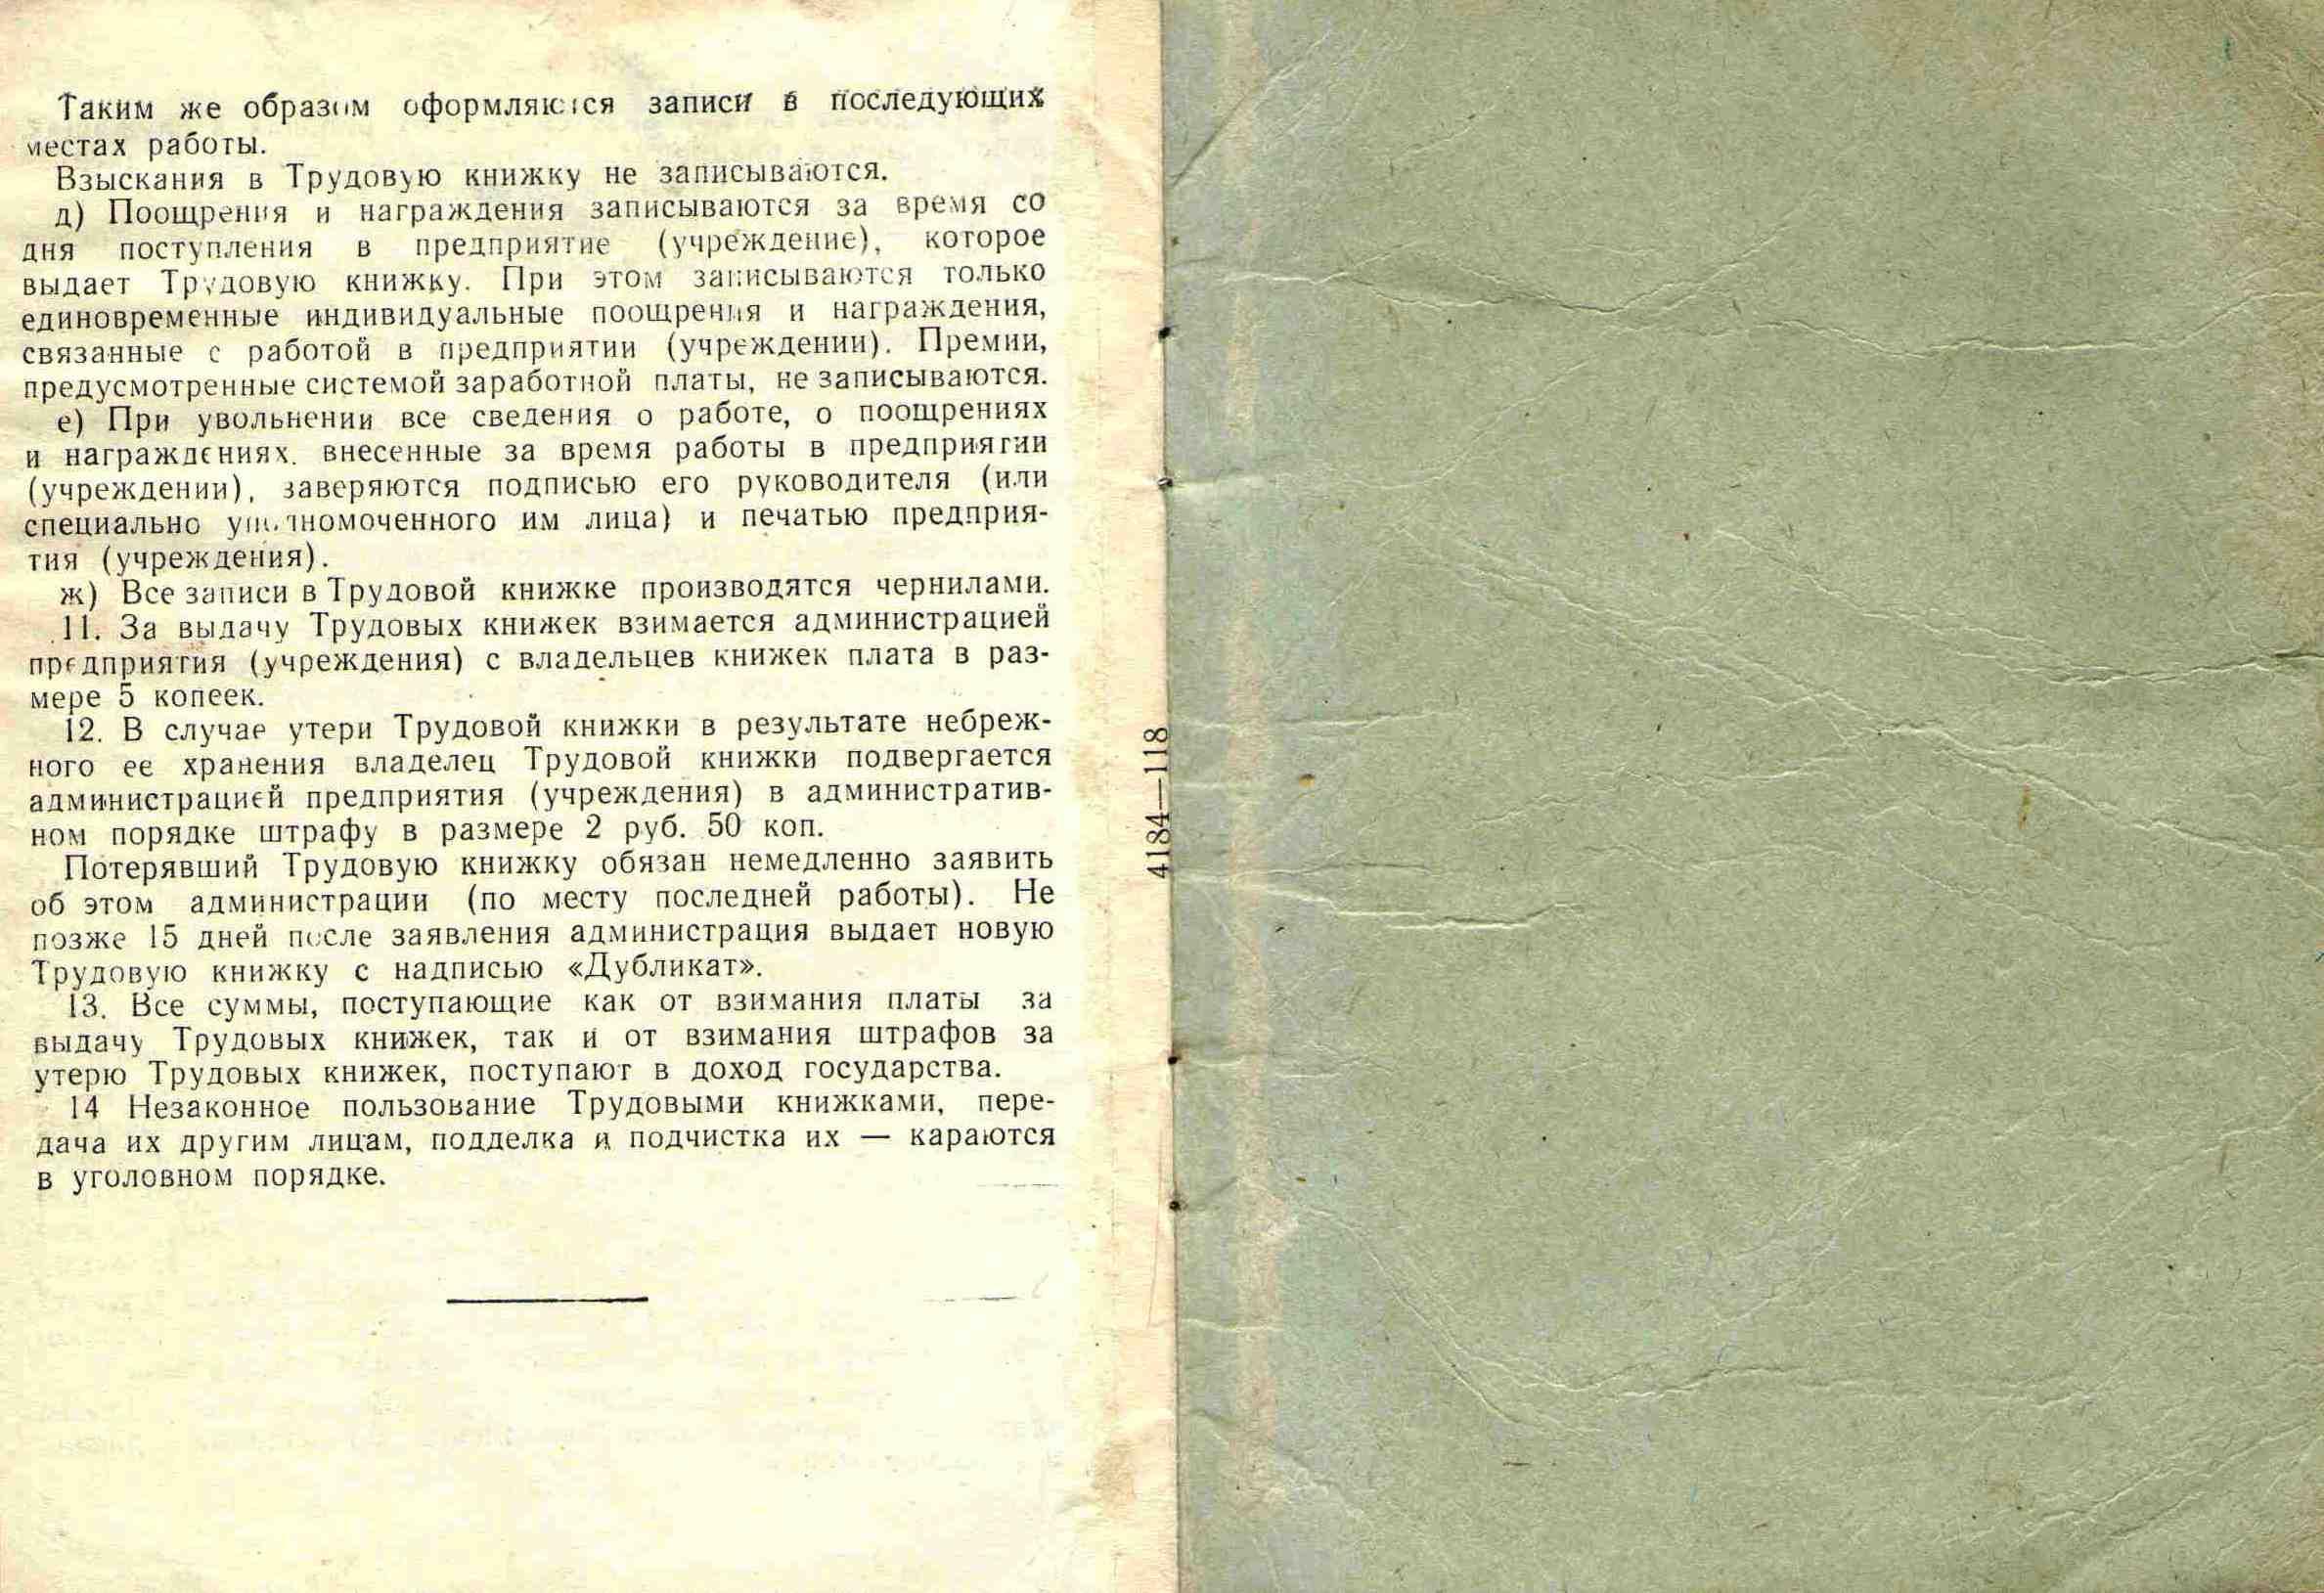 40. Трудовая книжка Барыкиной МГ, 1957.